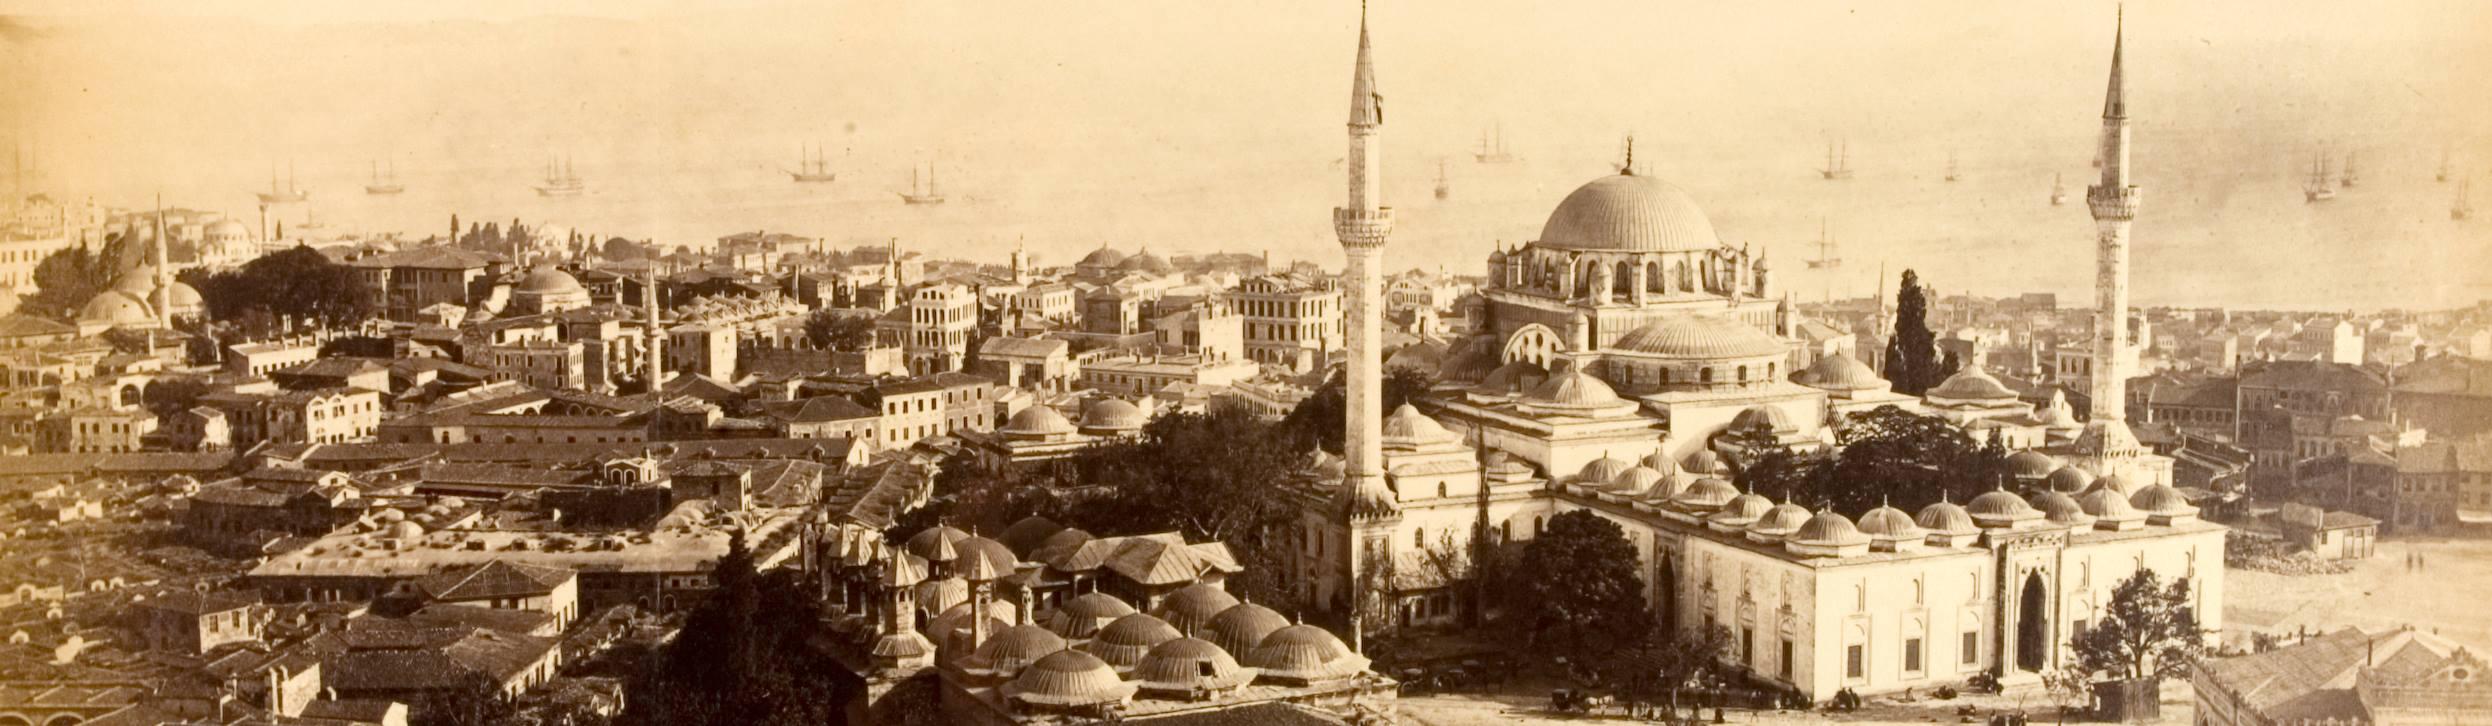 Przedostatnia niedziela w Stambule